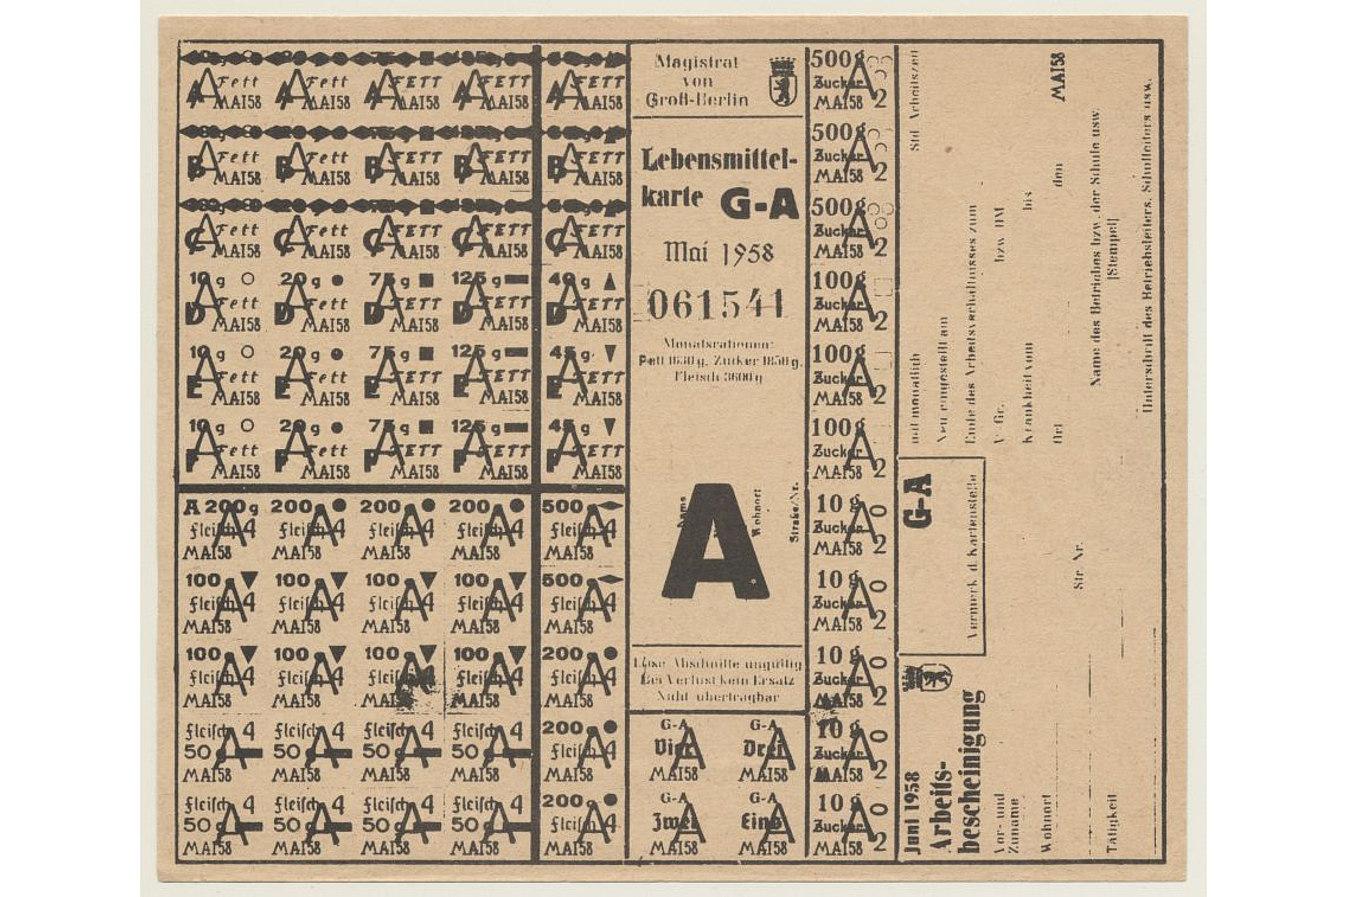 Lebensmittelkarte mit dem Aufdruck 'Magistrat von Groß Berlin Lebensmittelkarte G-A Mai 1958' und Aufdruck der einzelnen Lebensmittel mit jeweiliger Mengenangabe